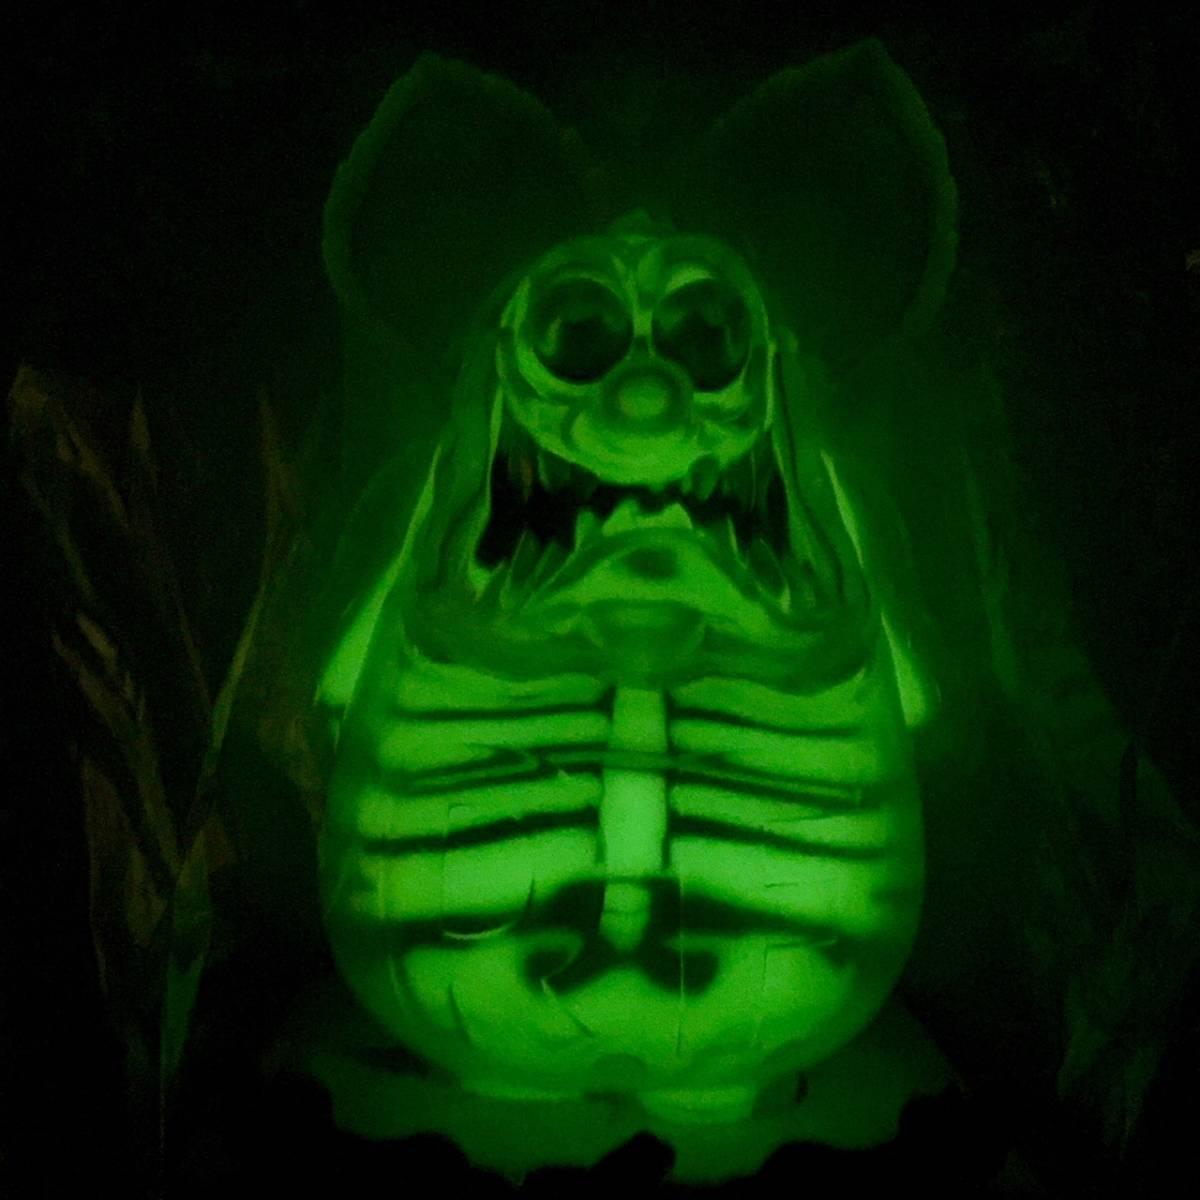 RAT FINK SECRET BASE MOONEYES 正規品 x-ray エックスレイドール ソフビ フィギュア クリア イエロー シークレットベース ラットフィンク_画像2